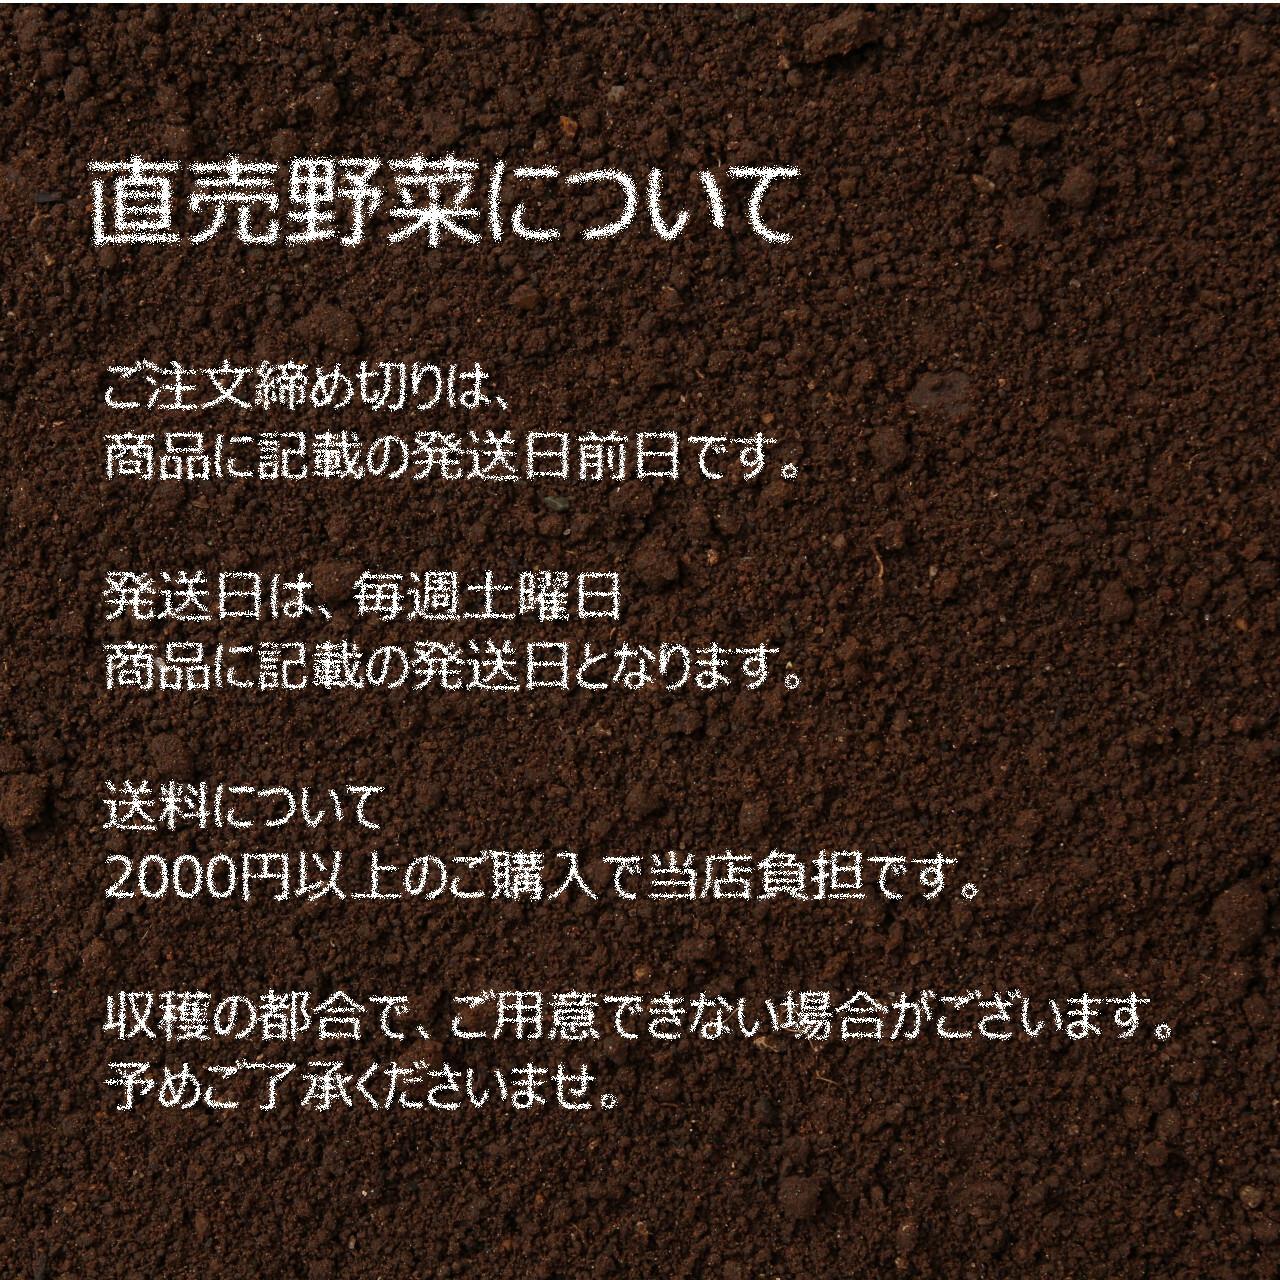 8月の新鮮な夏野菜 : ネギ 3~4本 朝採り直売野菜 8月15日発送予定